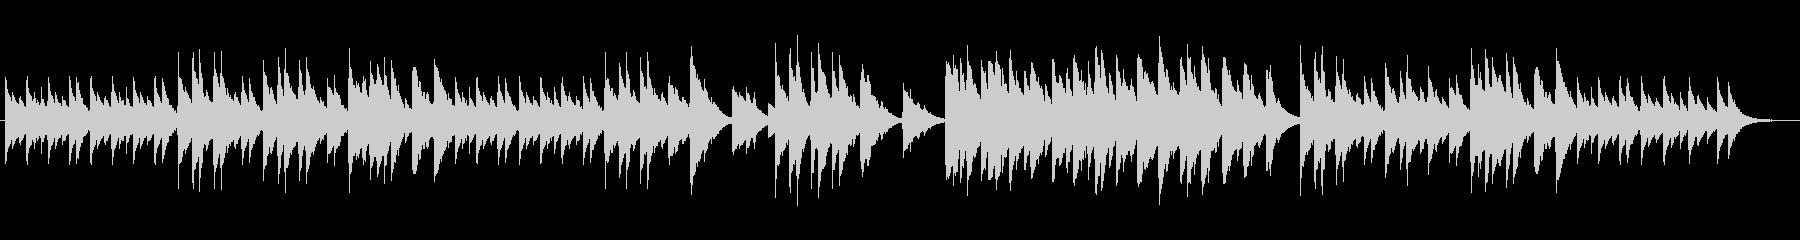 ノスタルジックな温かみのあるBGMの未再生の波形